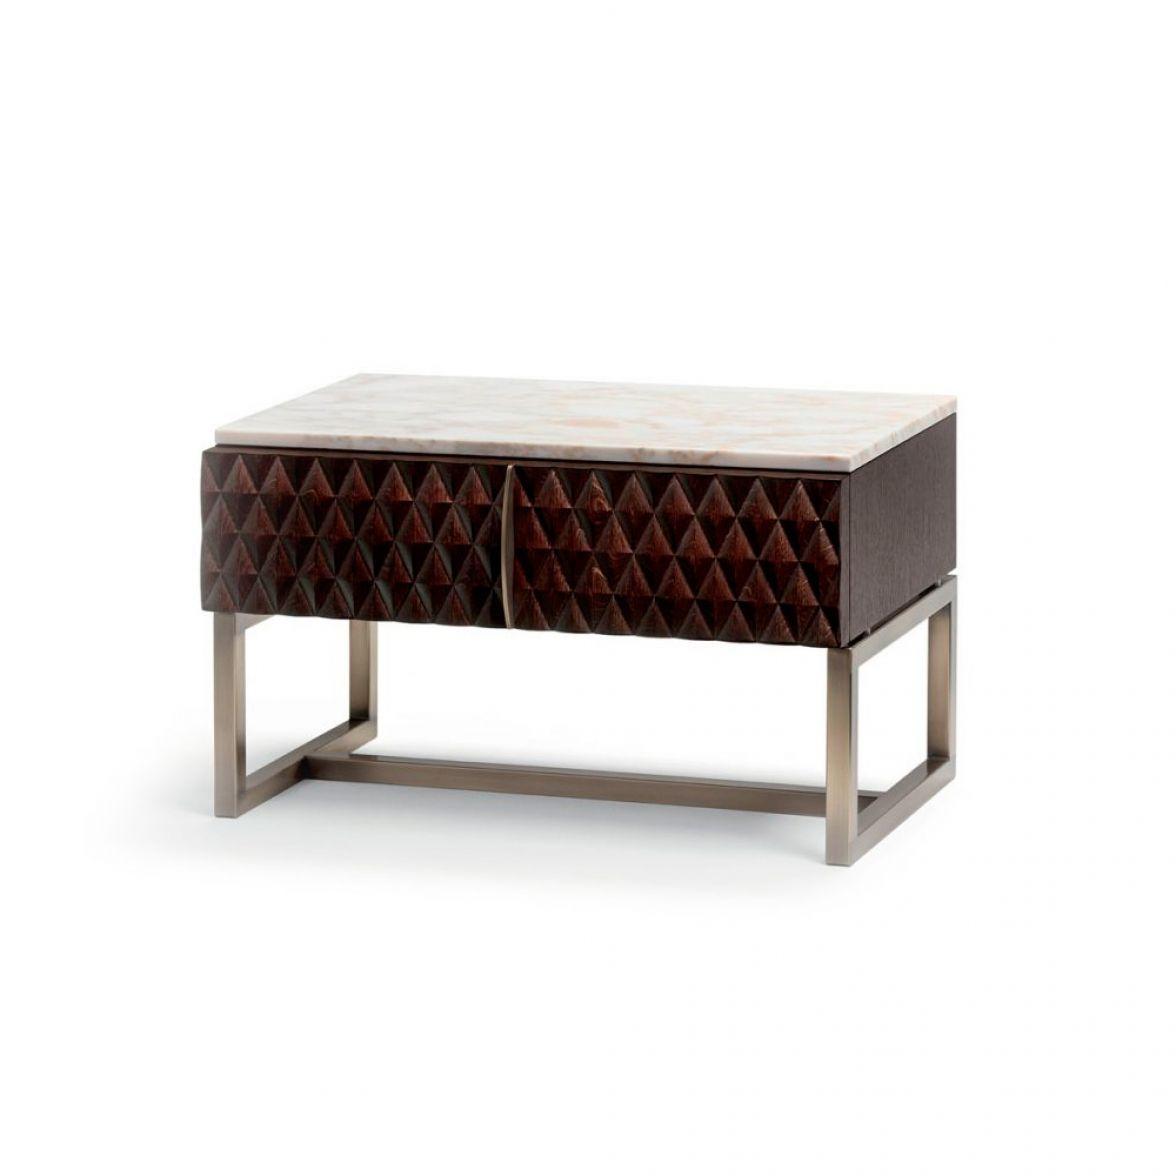 Victor bedside table